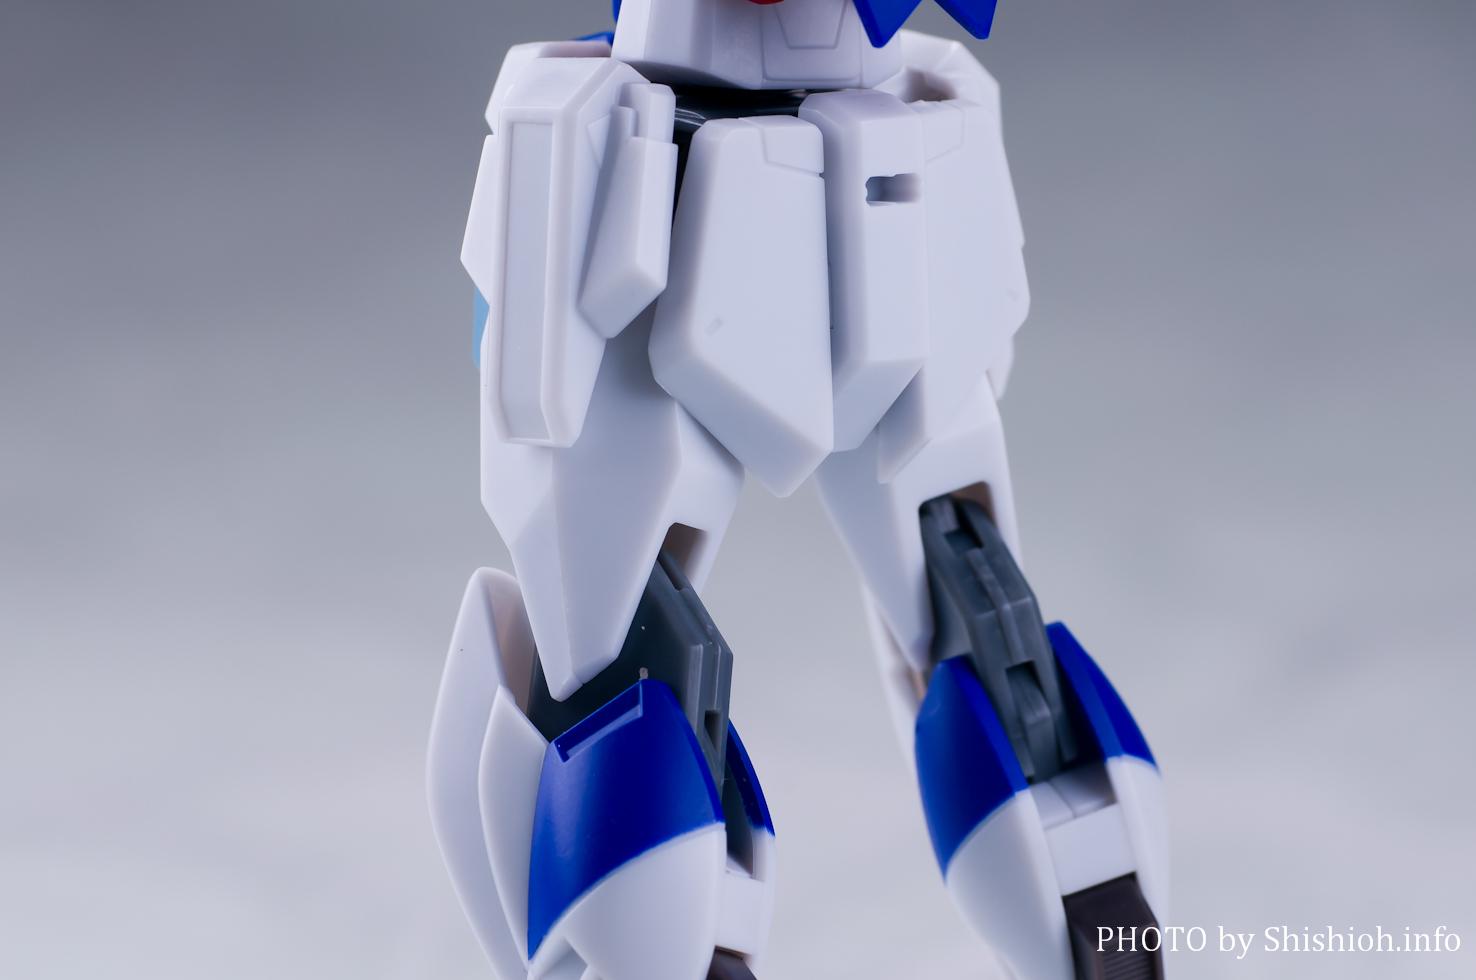 ROBOT魂フォースインパルスガンダム